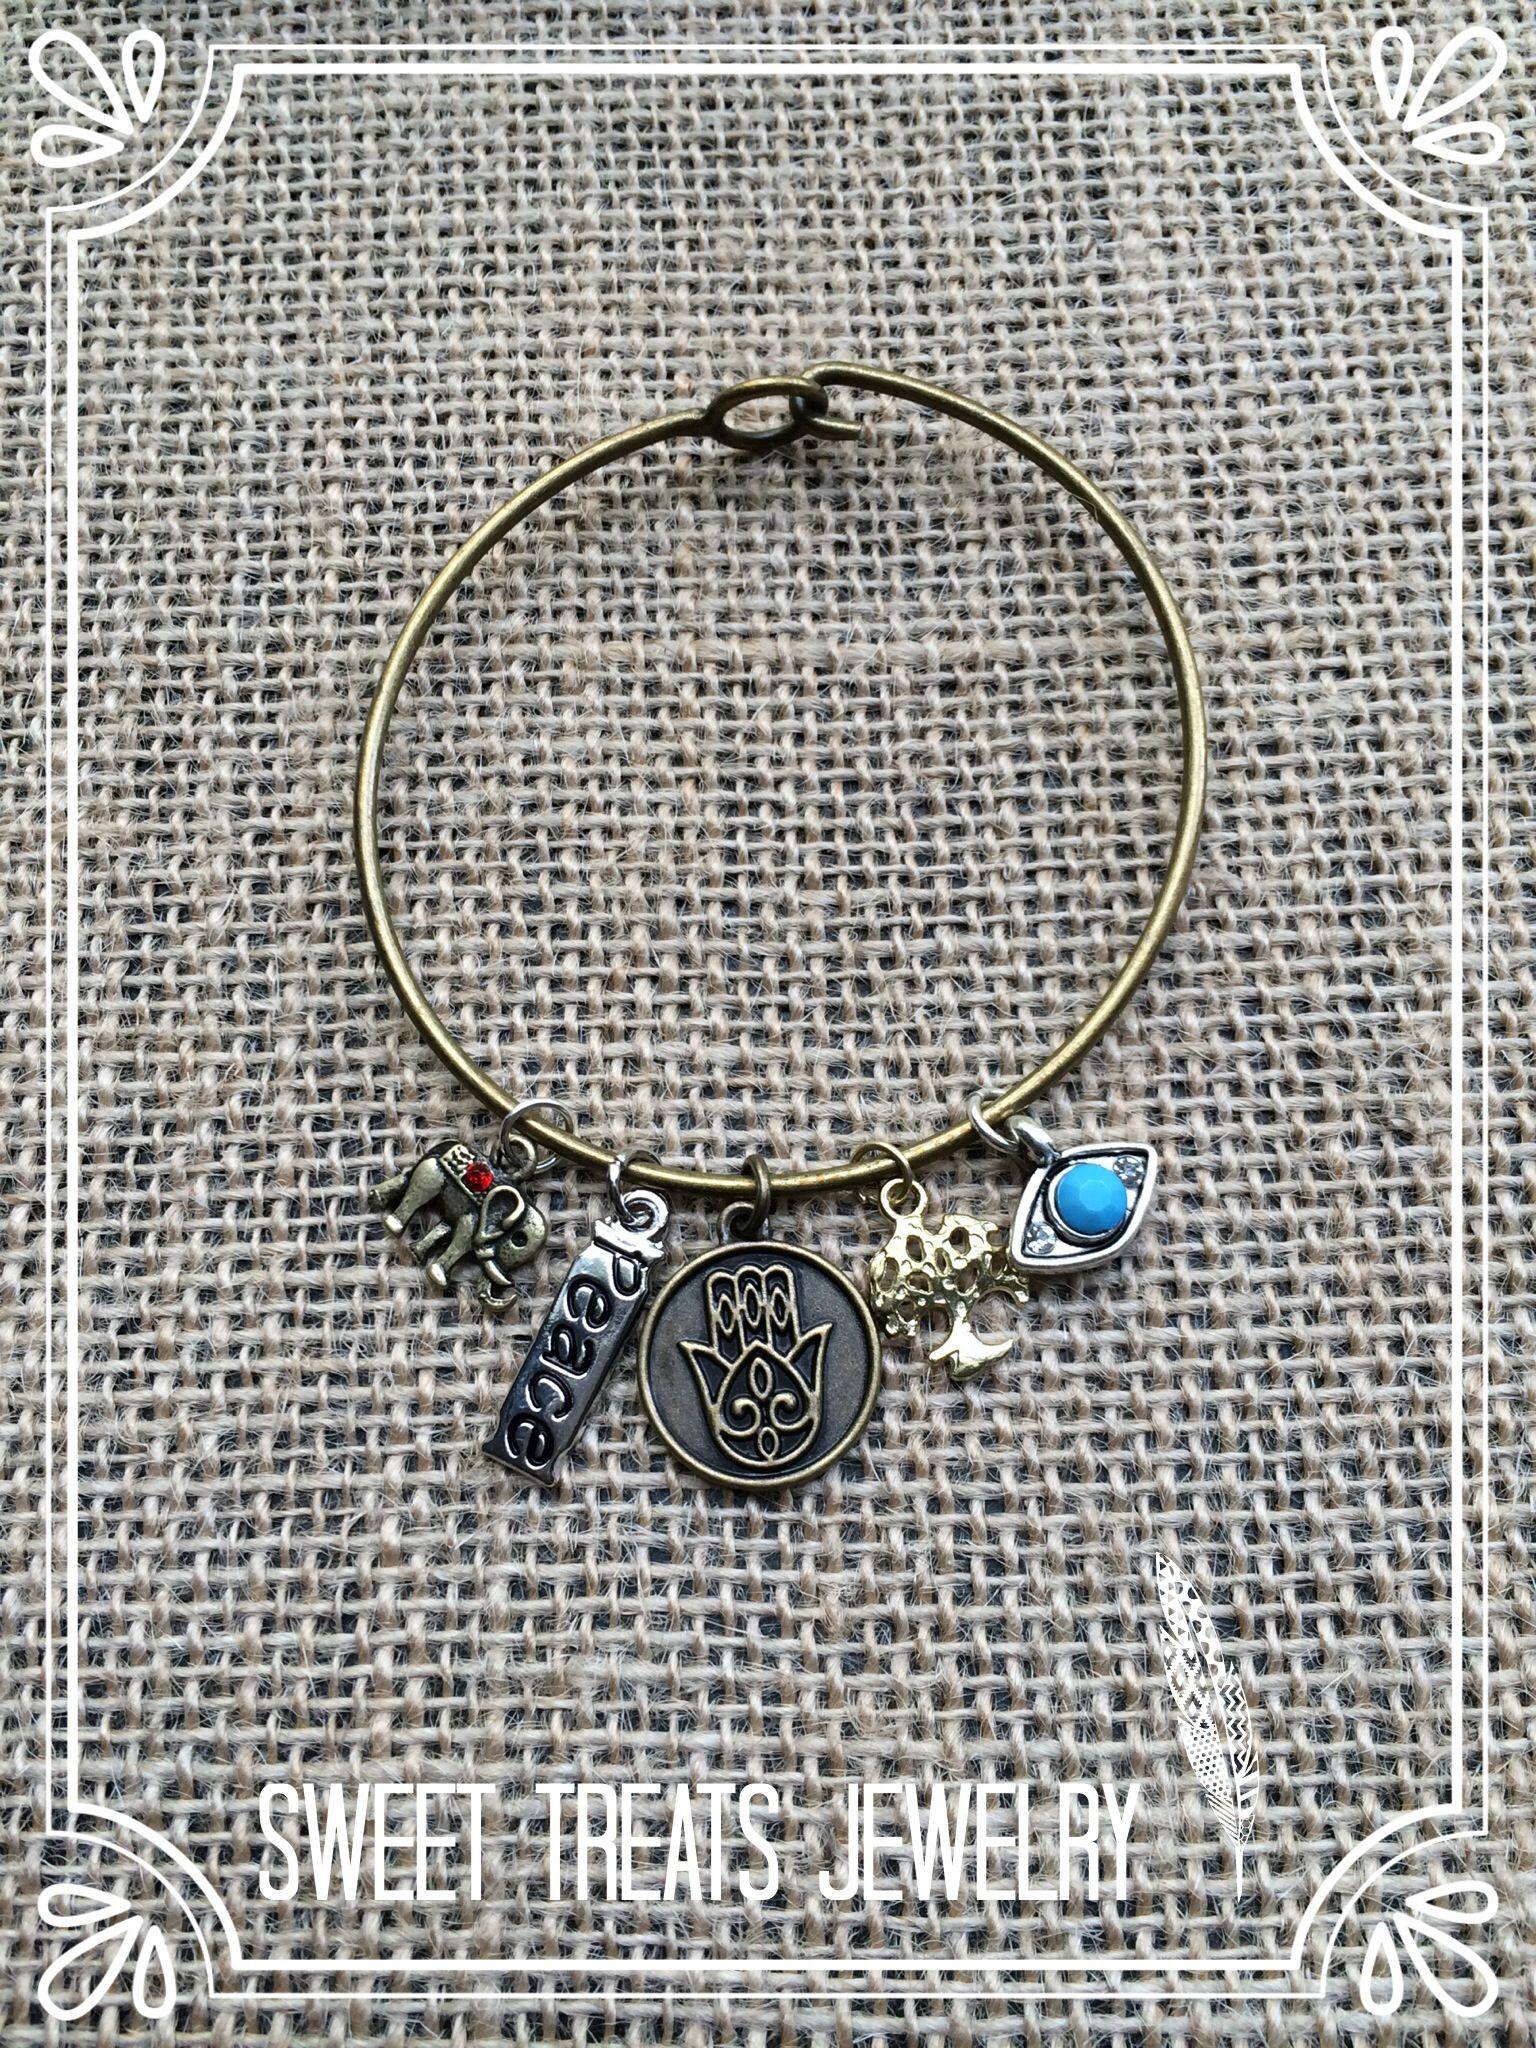 By Sweet Treats Jewelry